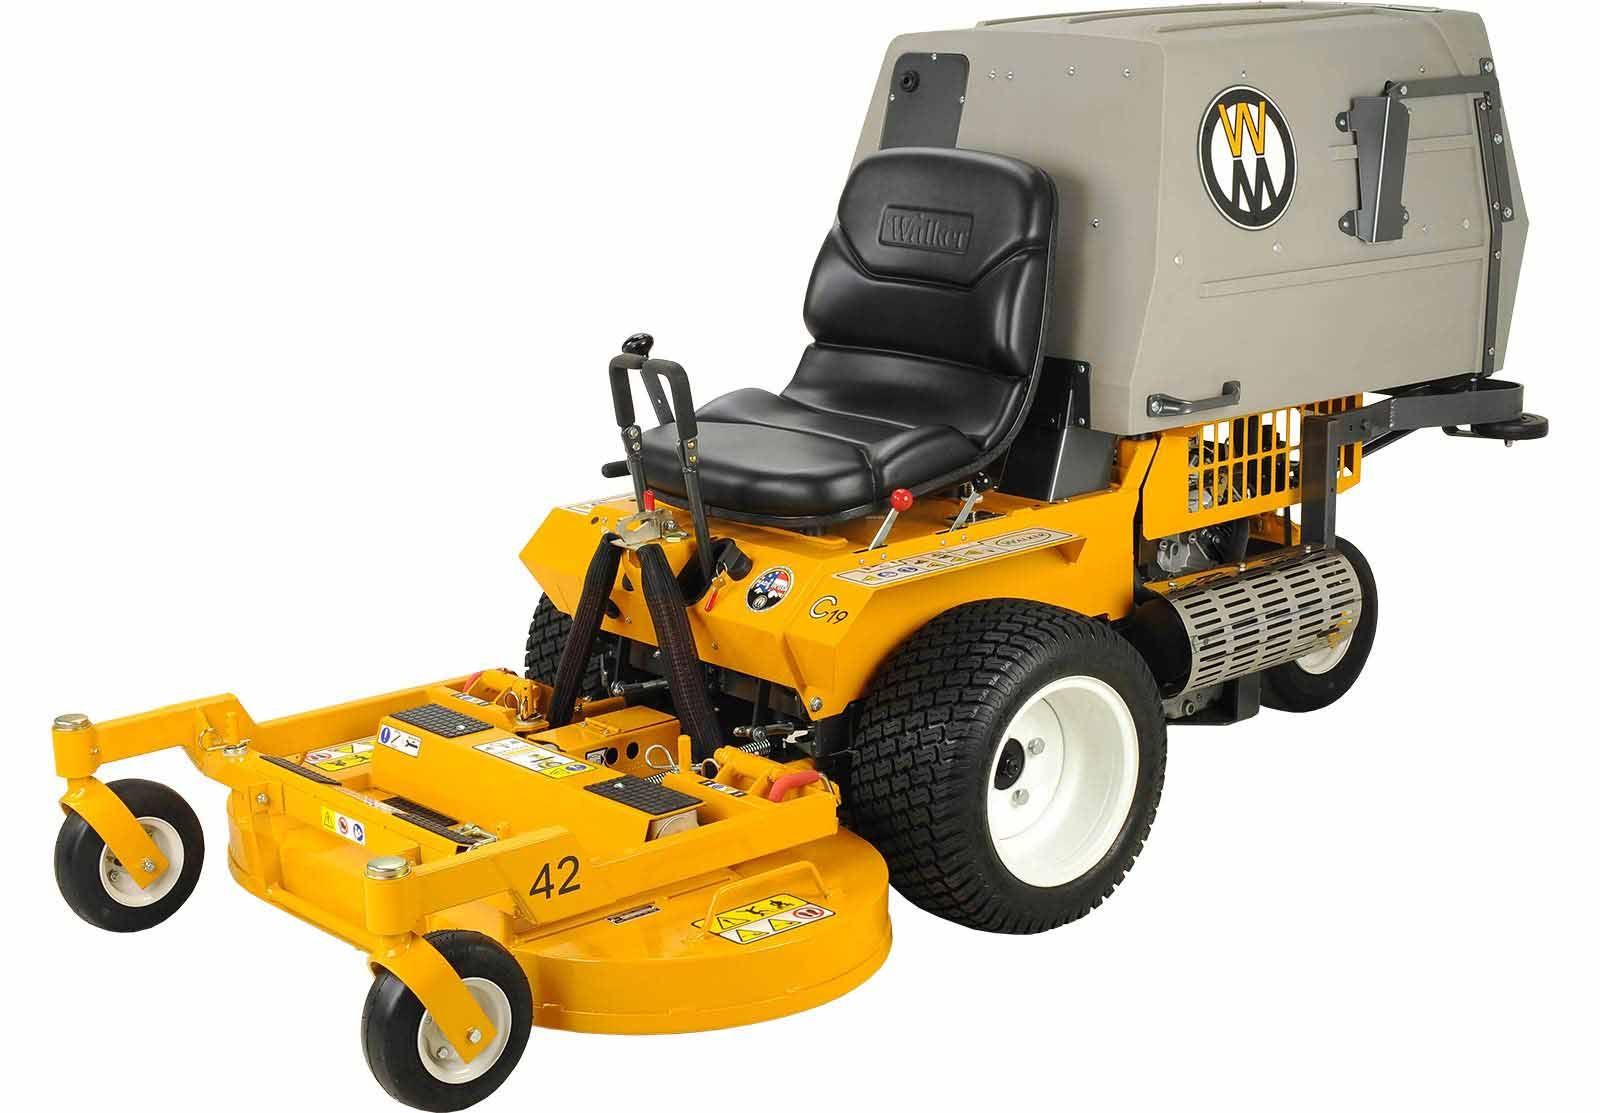 Walker Mowers MC19 Grass-Handling Gas Mower 19HP